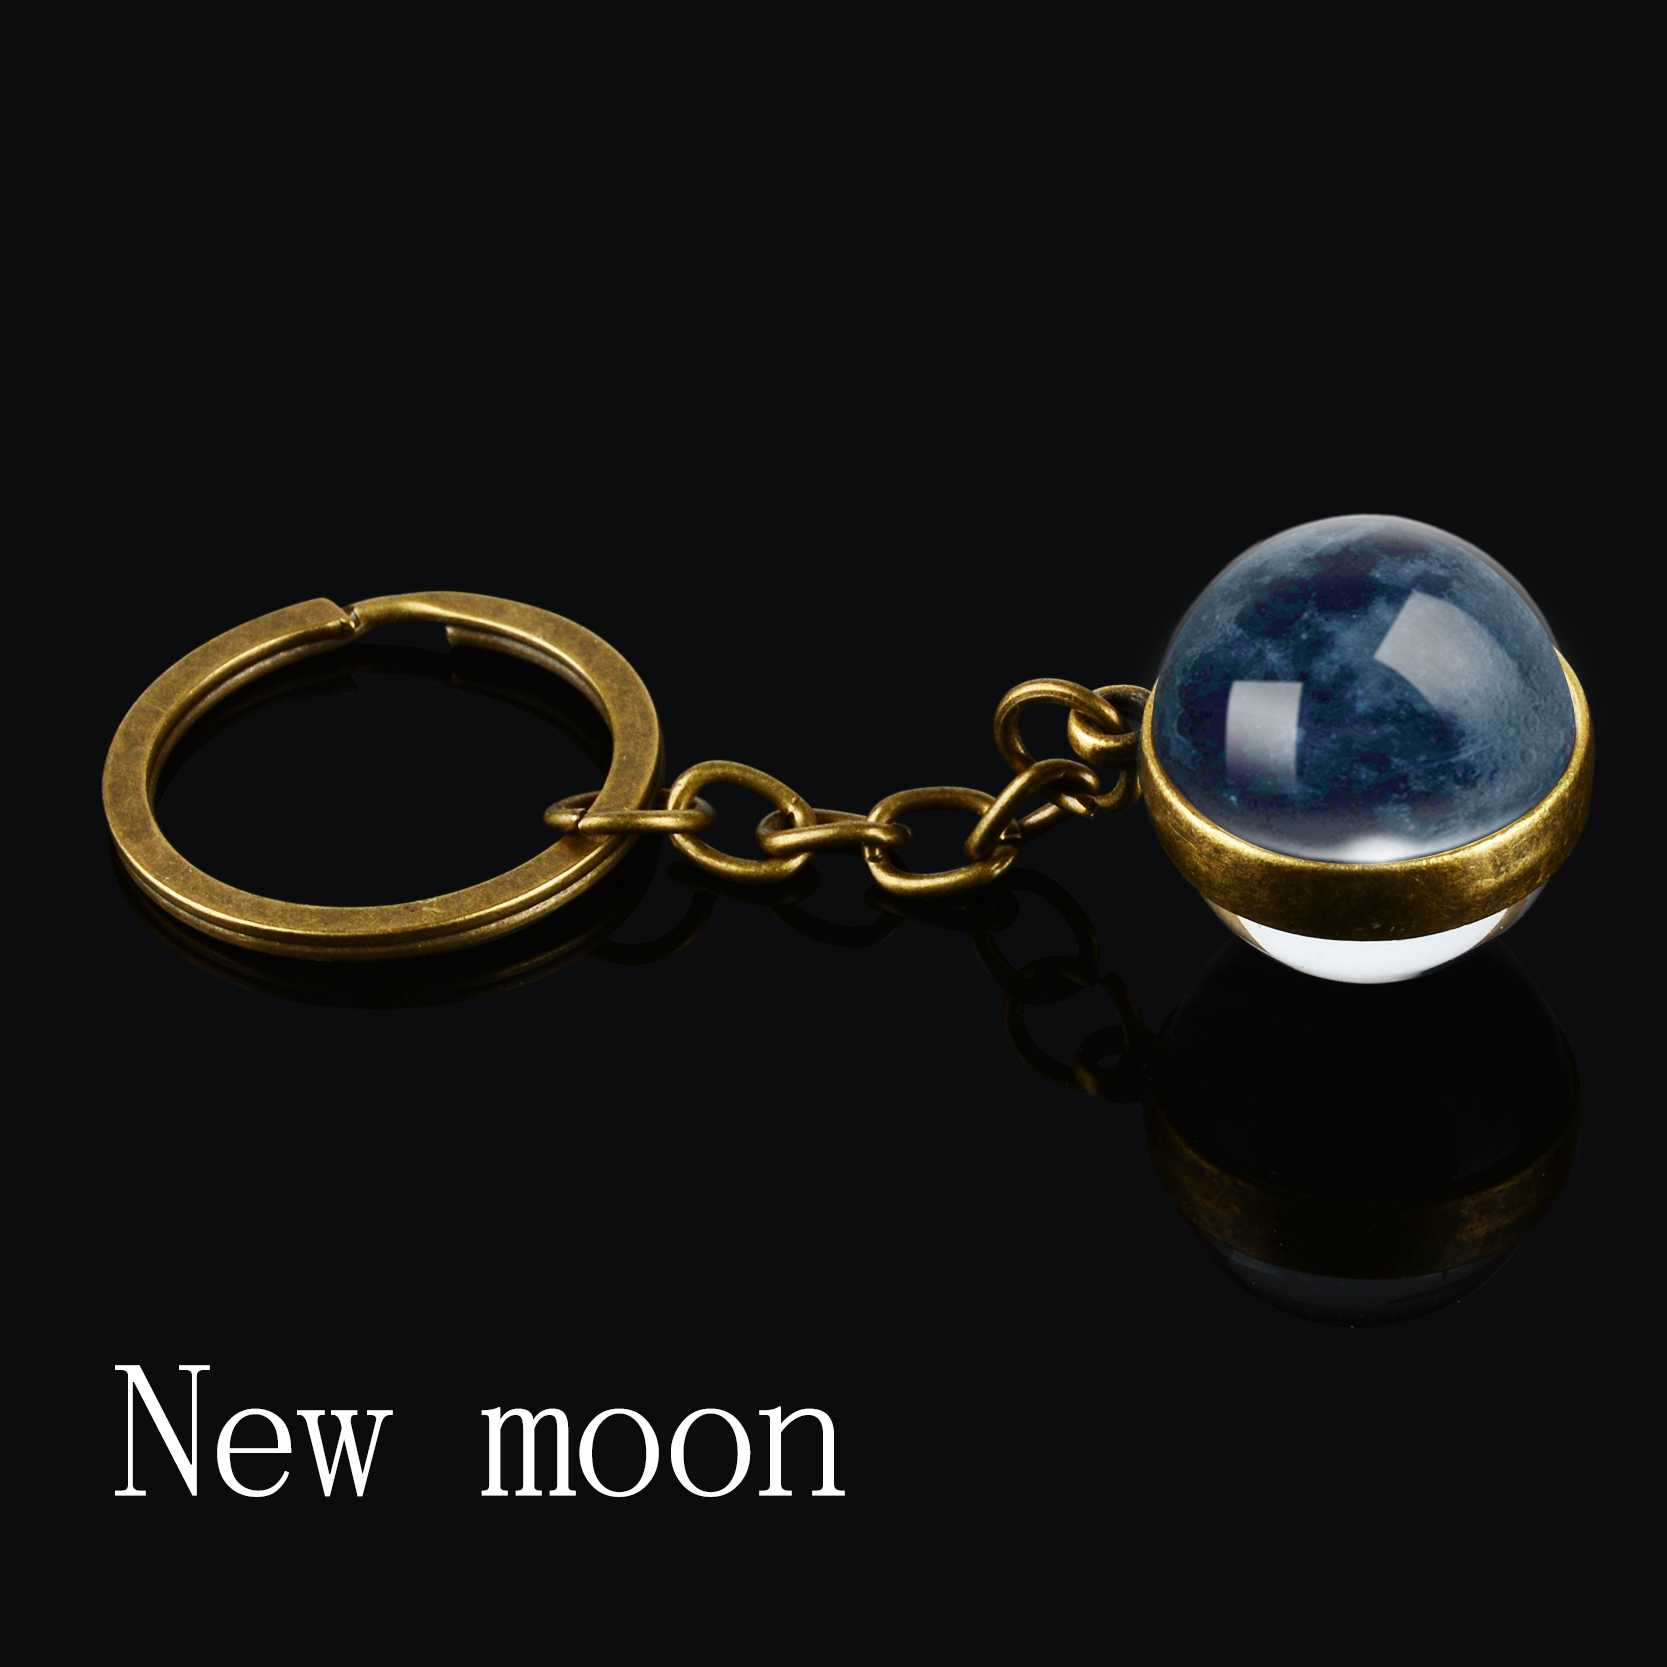 Pha Mặt Trăng Hình Móc Khóa Hành Tinh Tinh Vân Không Gian Keyrings Galaxy Vũ Trụ Mặt Trăng Trái Đất Mặt Trời Sao Hỏa Hệ Mặt Trời 2 Mặt Kính Bóng